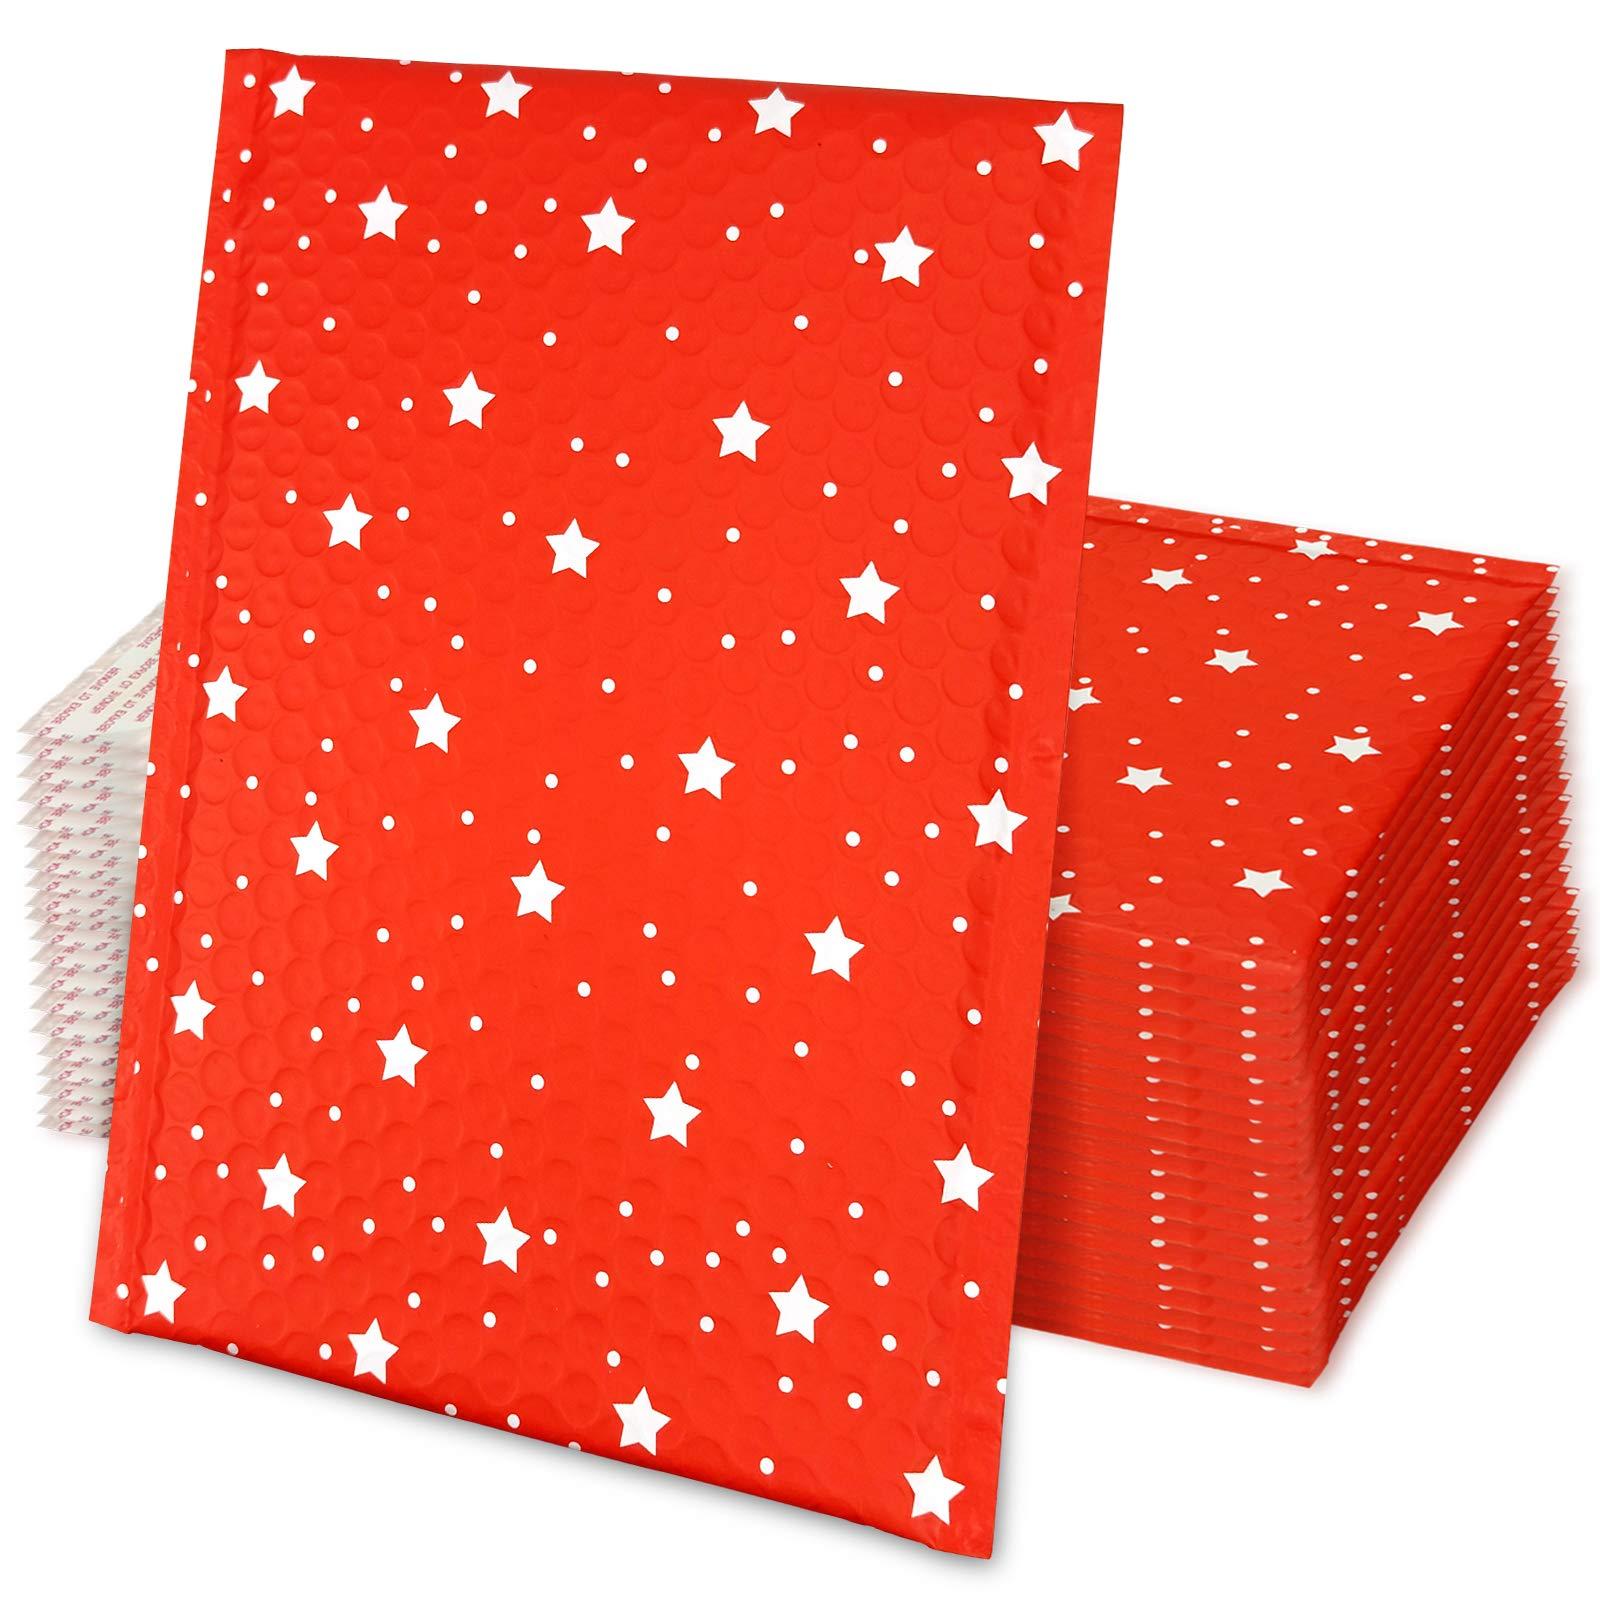 25 Sobres de Correo Acolchados- Rojo con Estrellas (15x25cm)